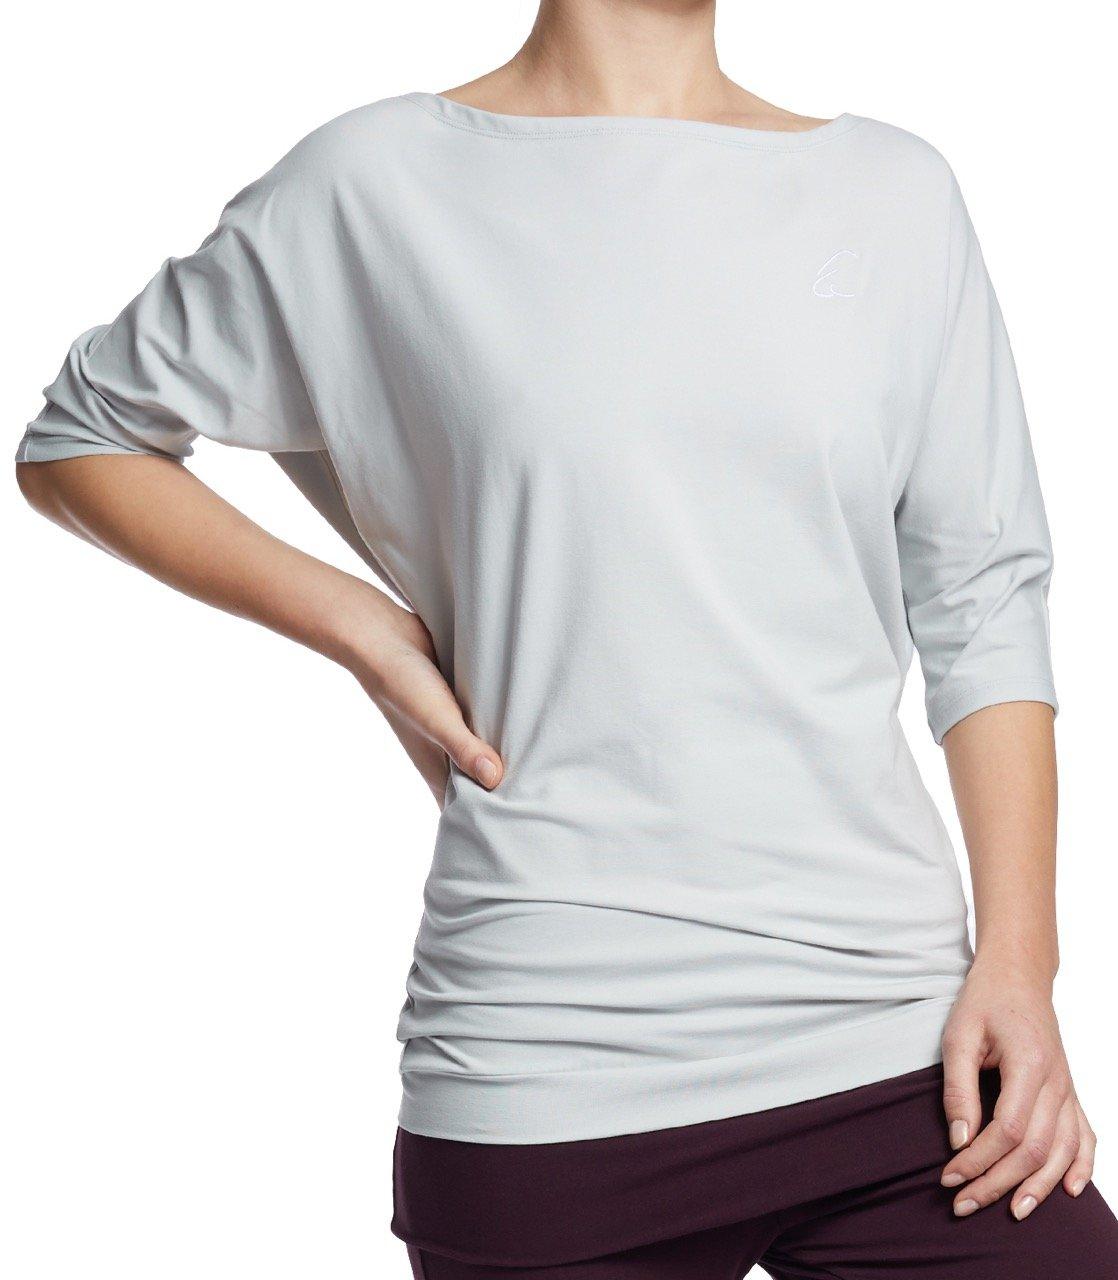 Esparto Sadaa - Camiseta de manga corta, diferentes colores, algodón orgánico (tallas XS, S, M, L y ...